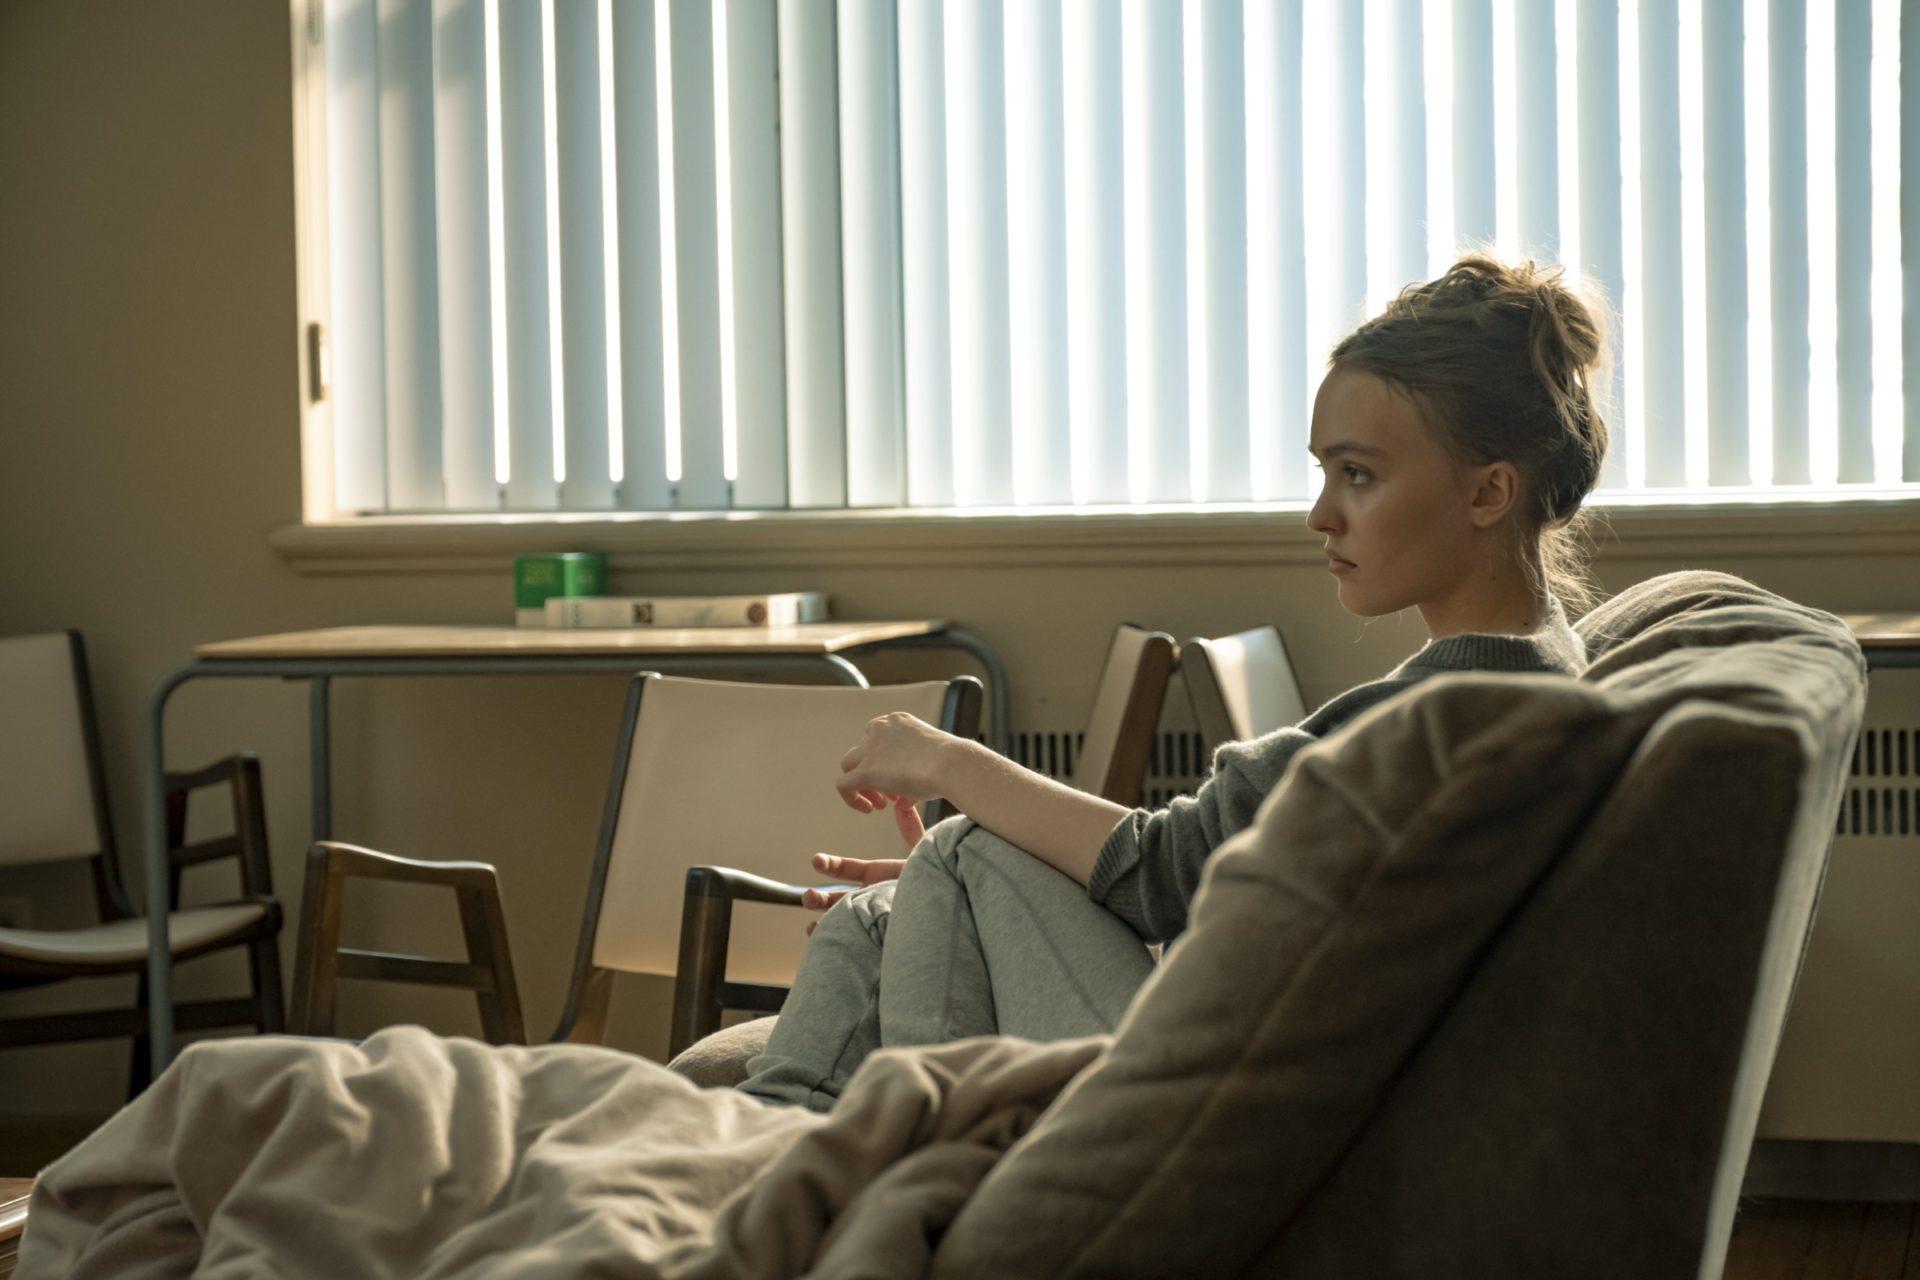 《藥命交錯》強尼戴普女兒莉莉蘿絲戴普變毒蟲 父溫暖喊話:我是她一輩子的後盾